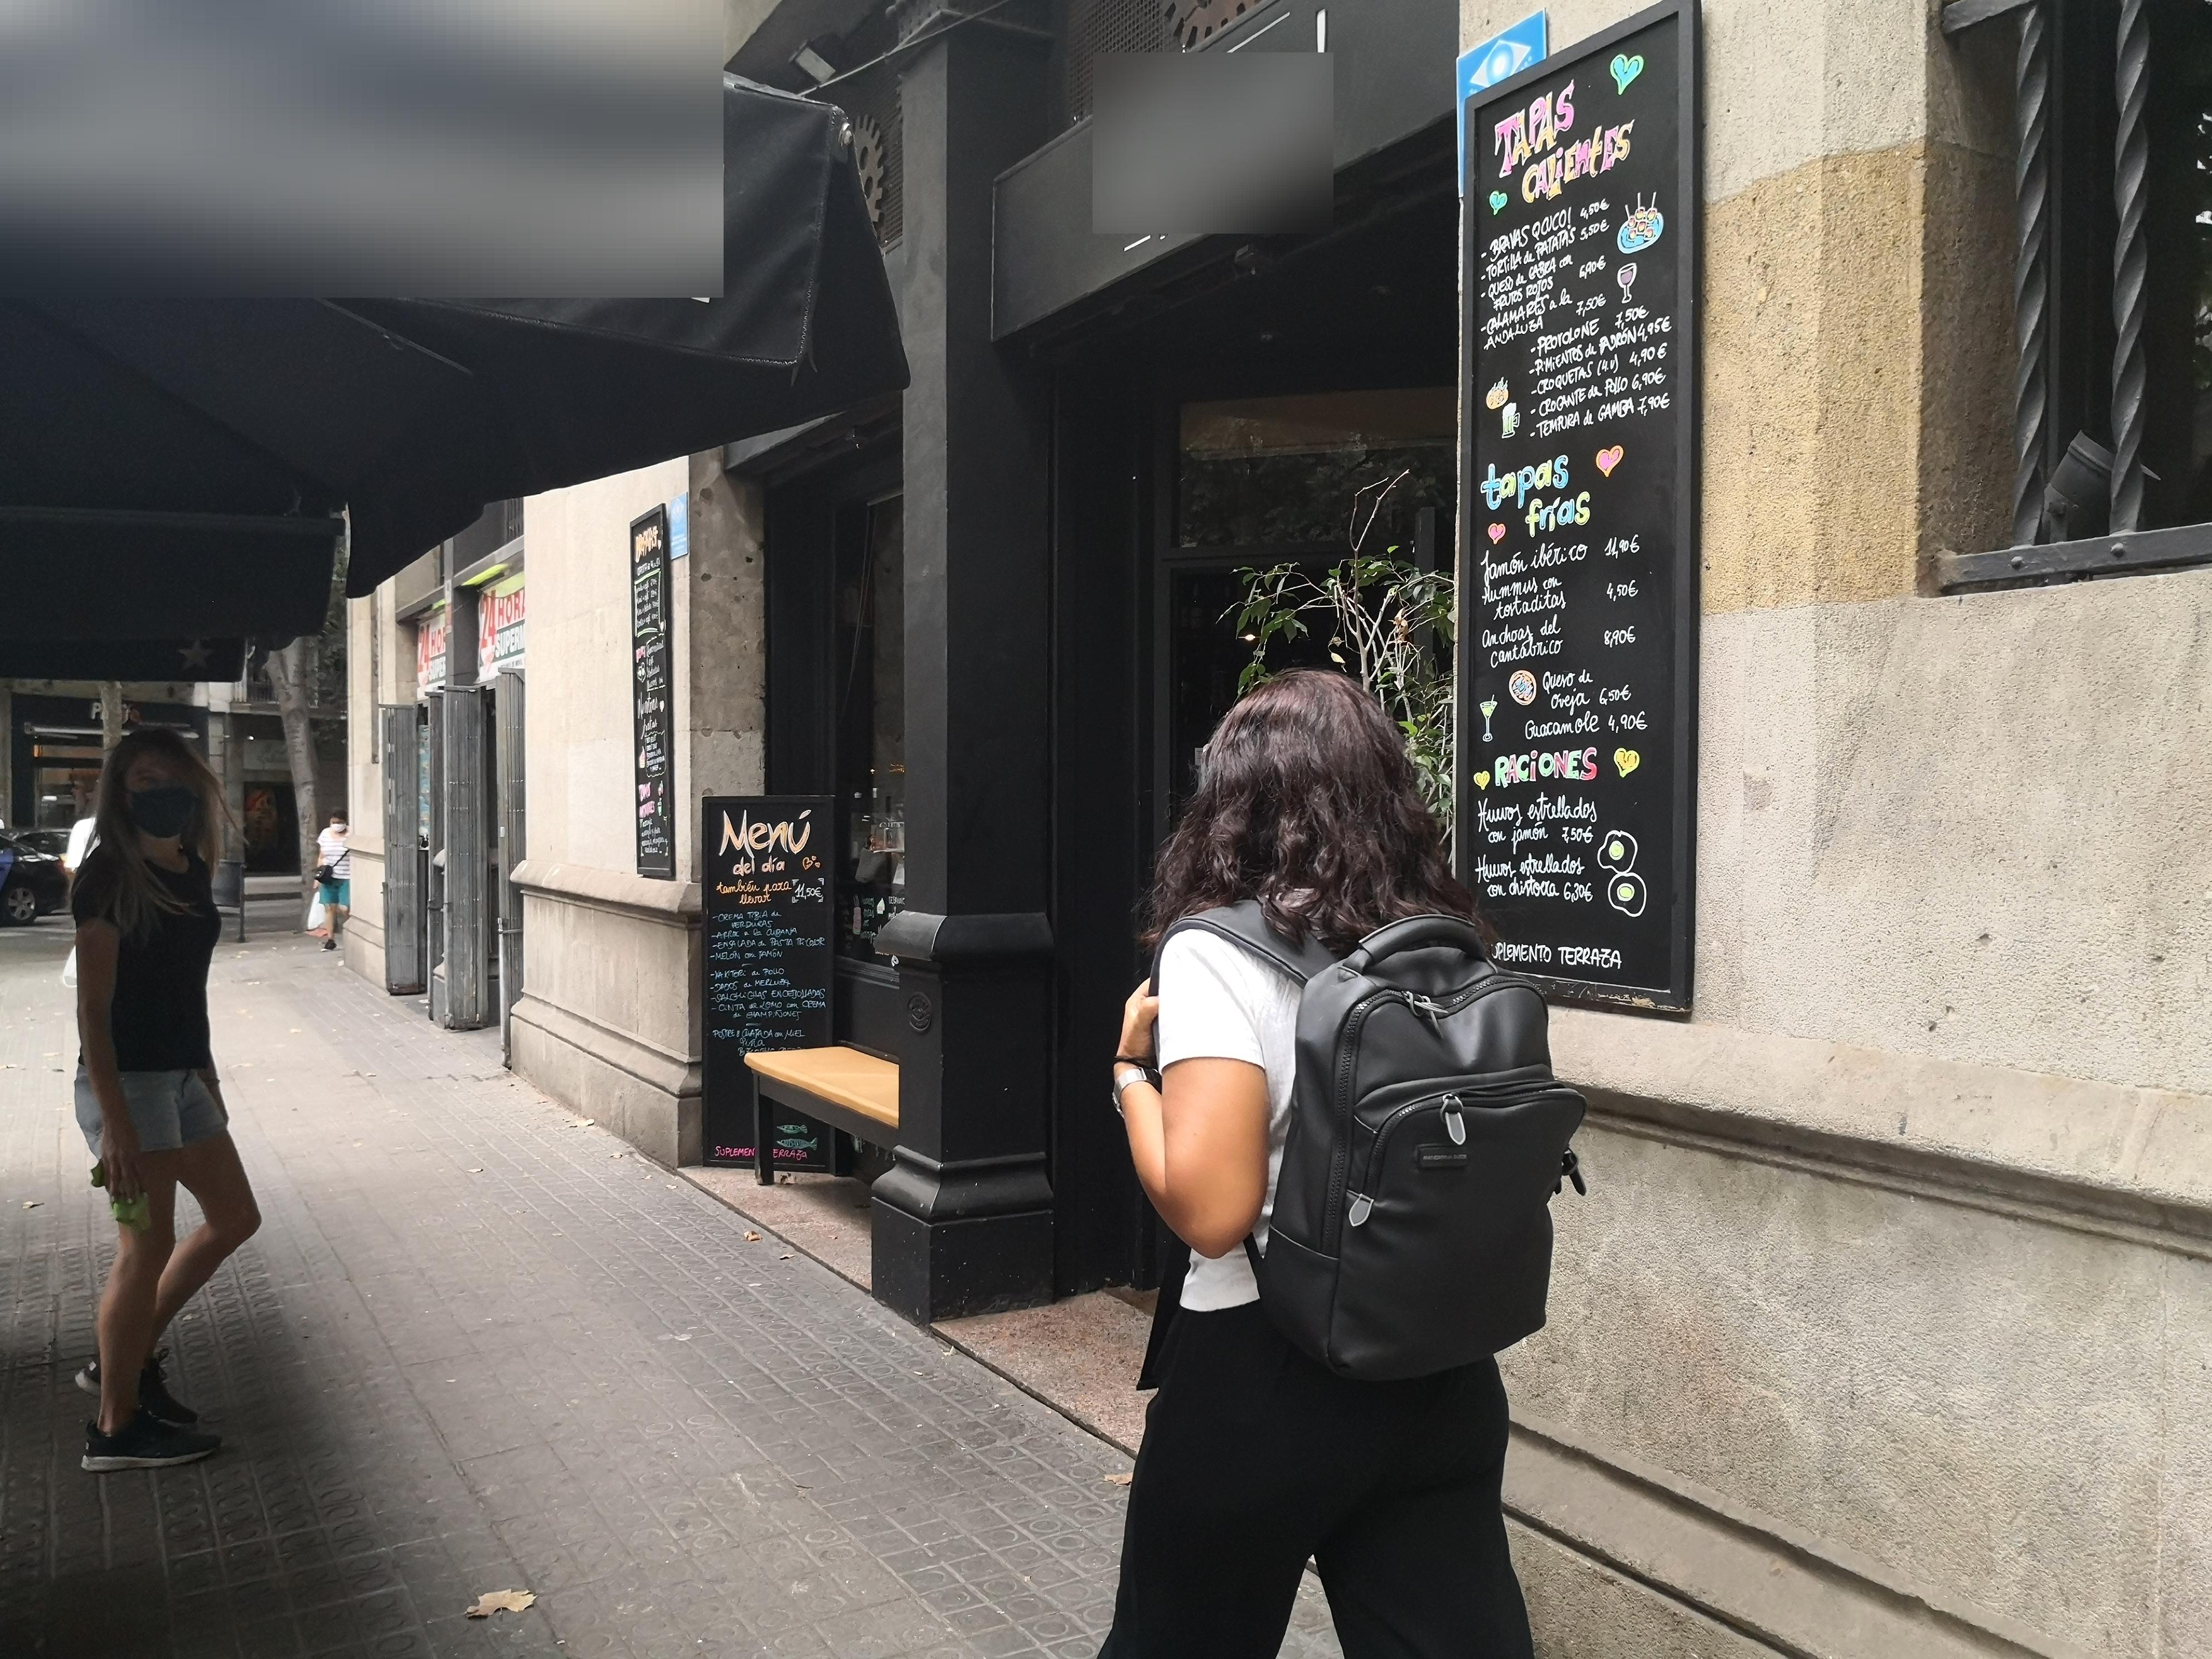 València, 206 - de nou, okupació il·legal i gratis de la façana!!